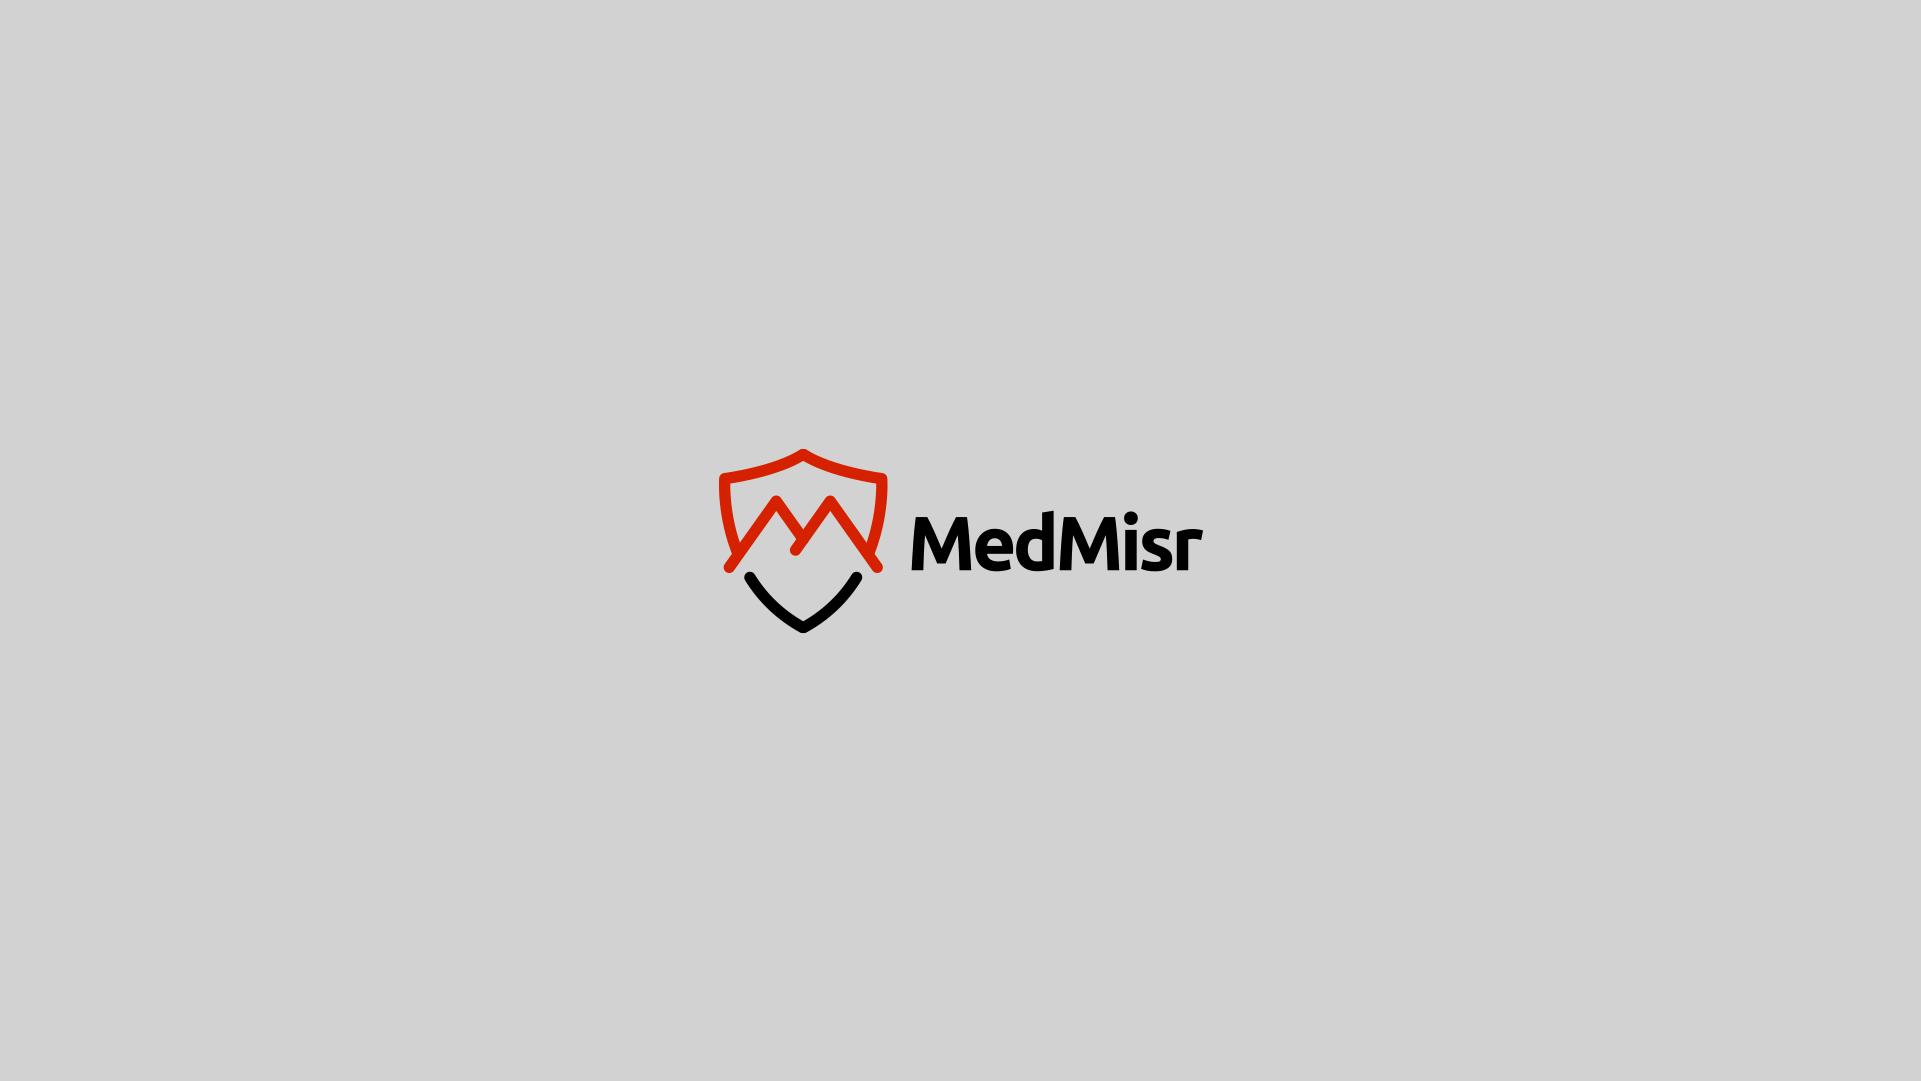 MedMisr